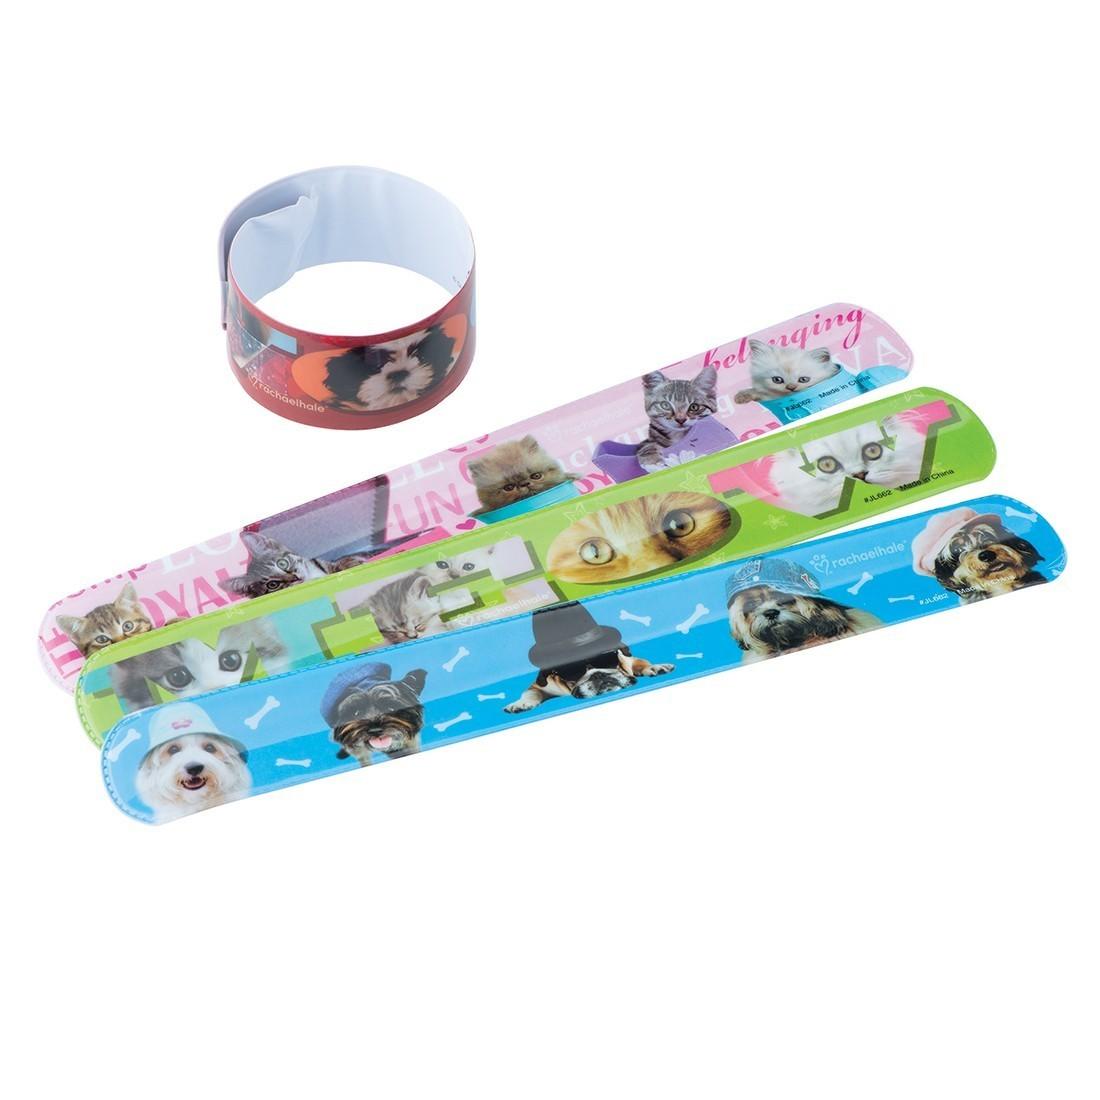 Rachael Hale Slap Bracelets   [image]